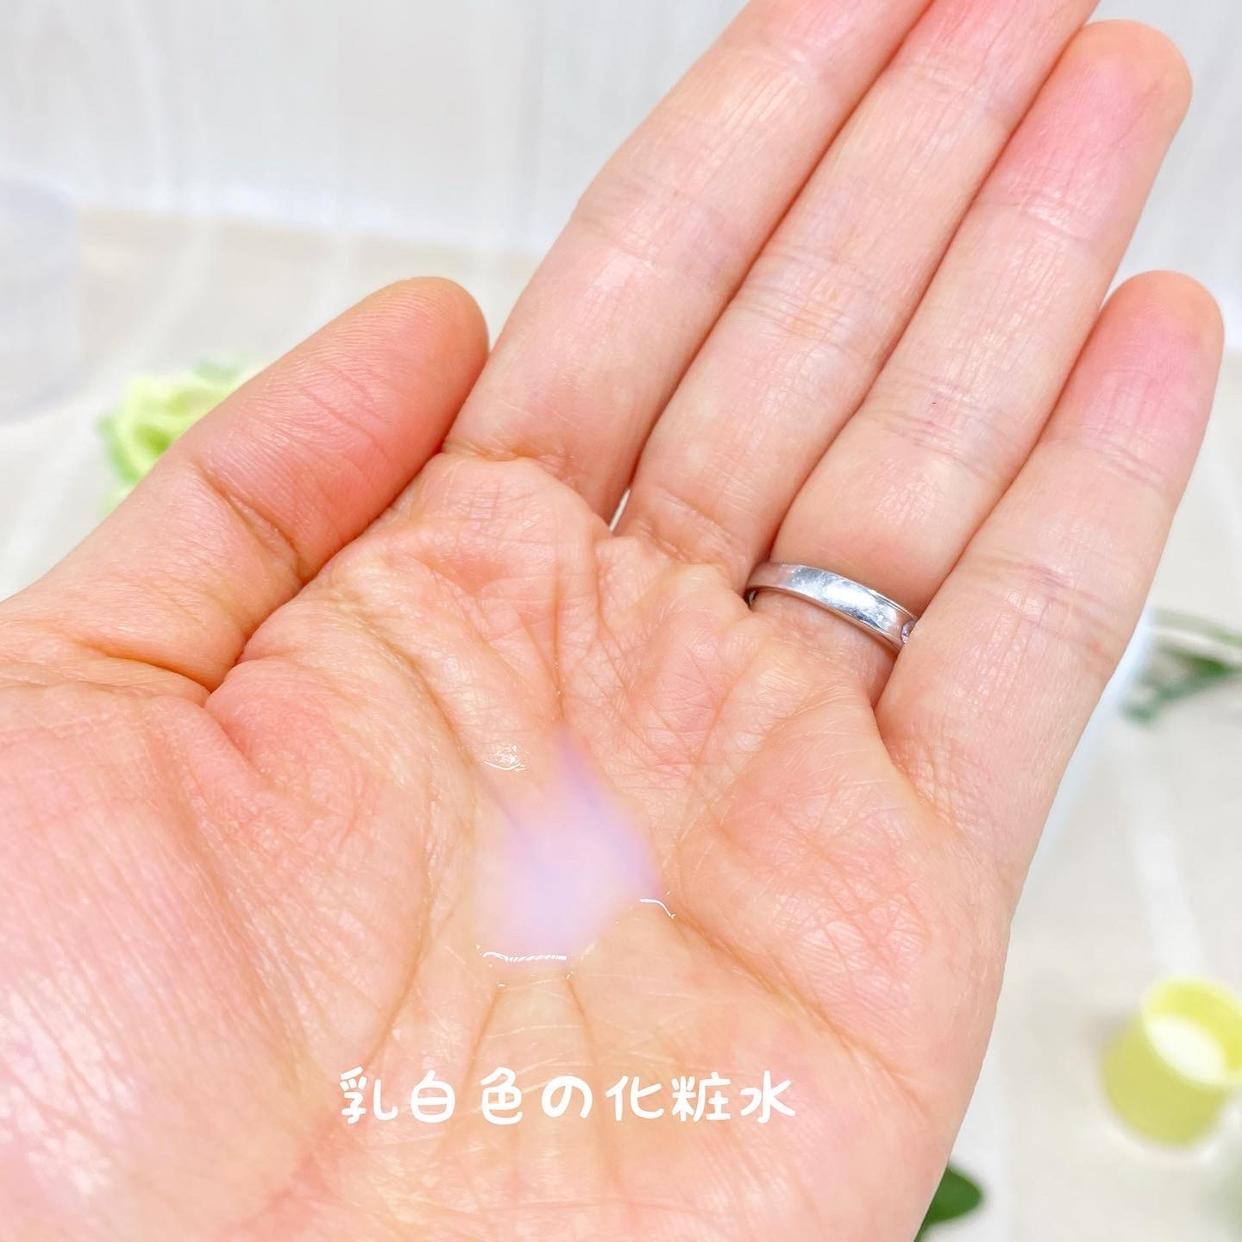 ZETTOC STYLE(ゼトックスタイル) アサンアムーン 甘糀化粧水の良い点・メリットに関するゆうさんの口コミ画像3